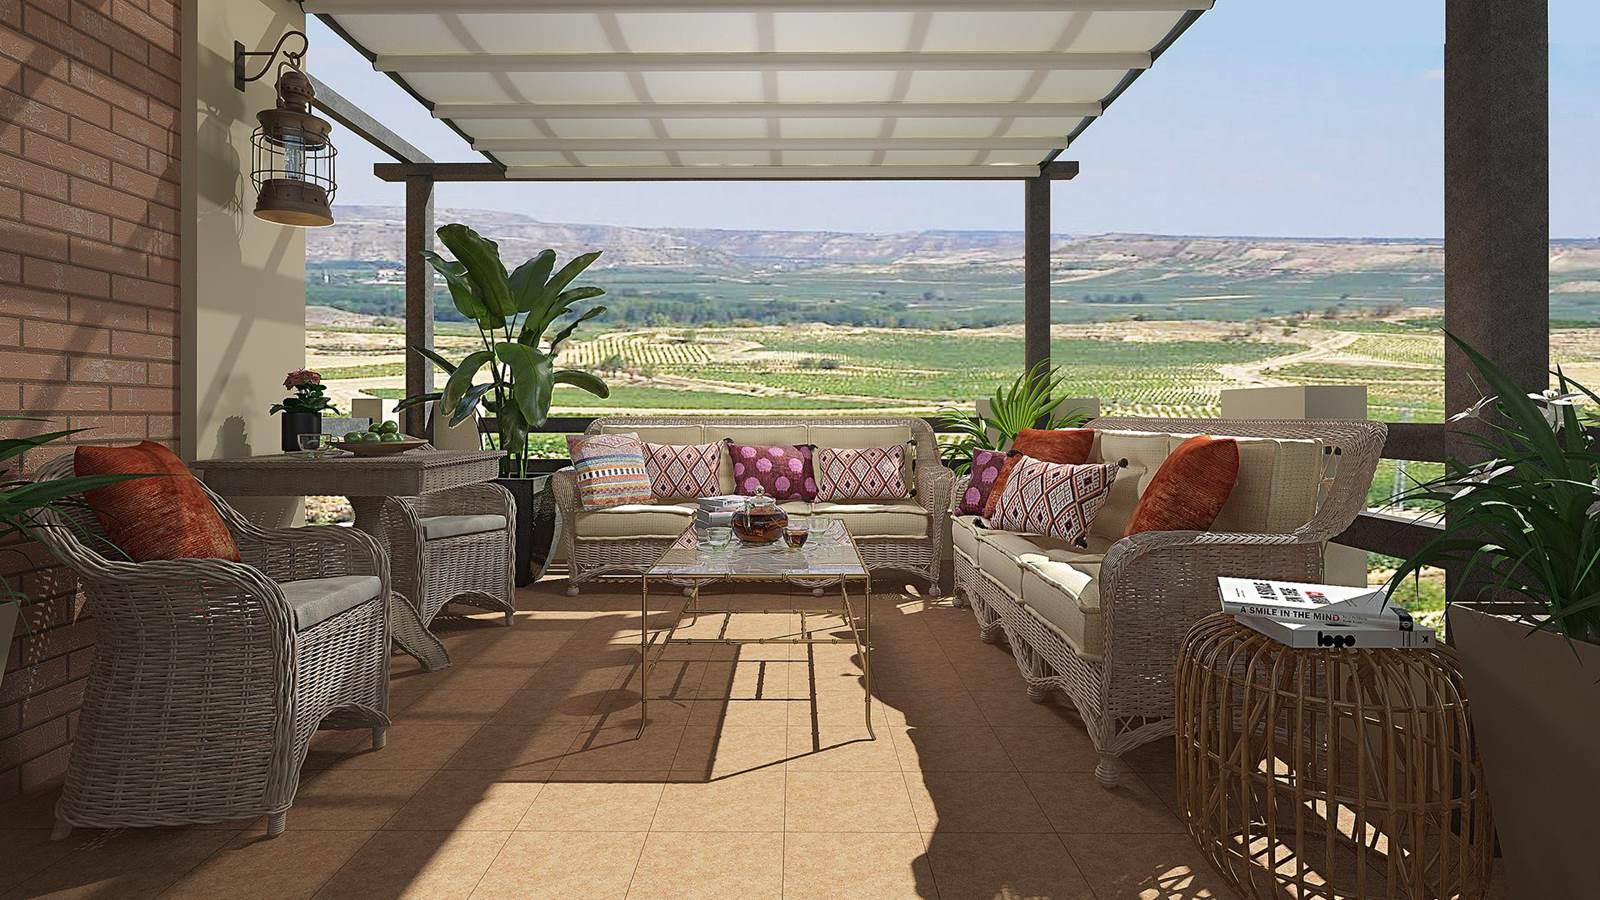 Terraza 3D estilo moderno personalizado